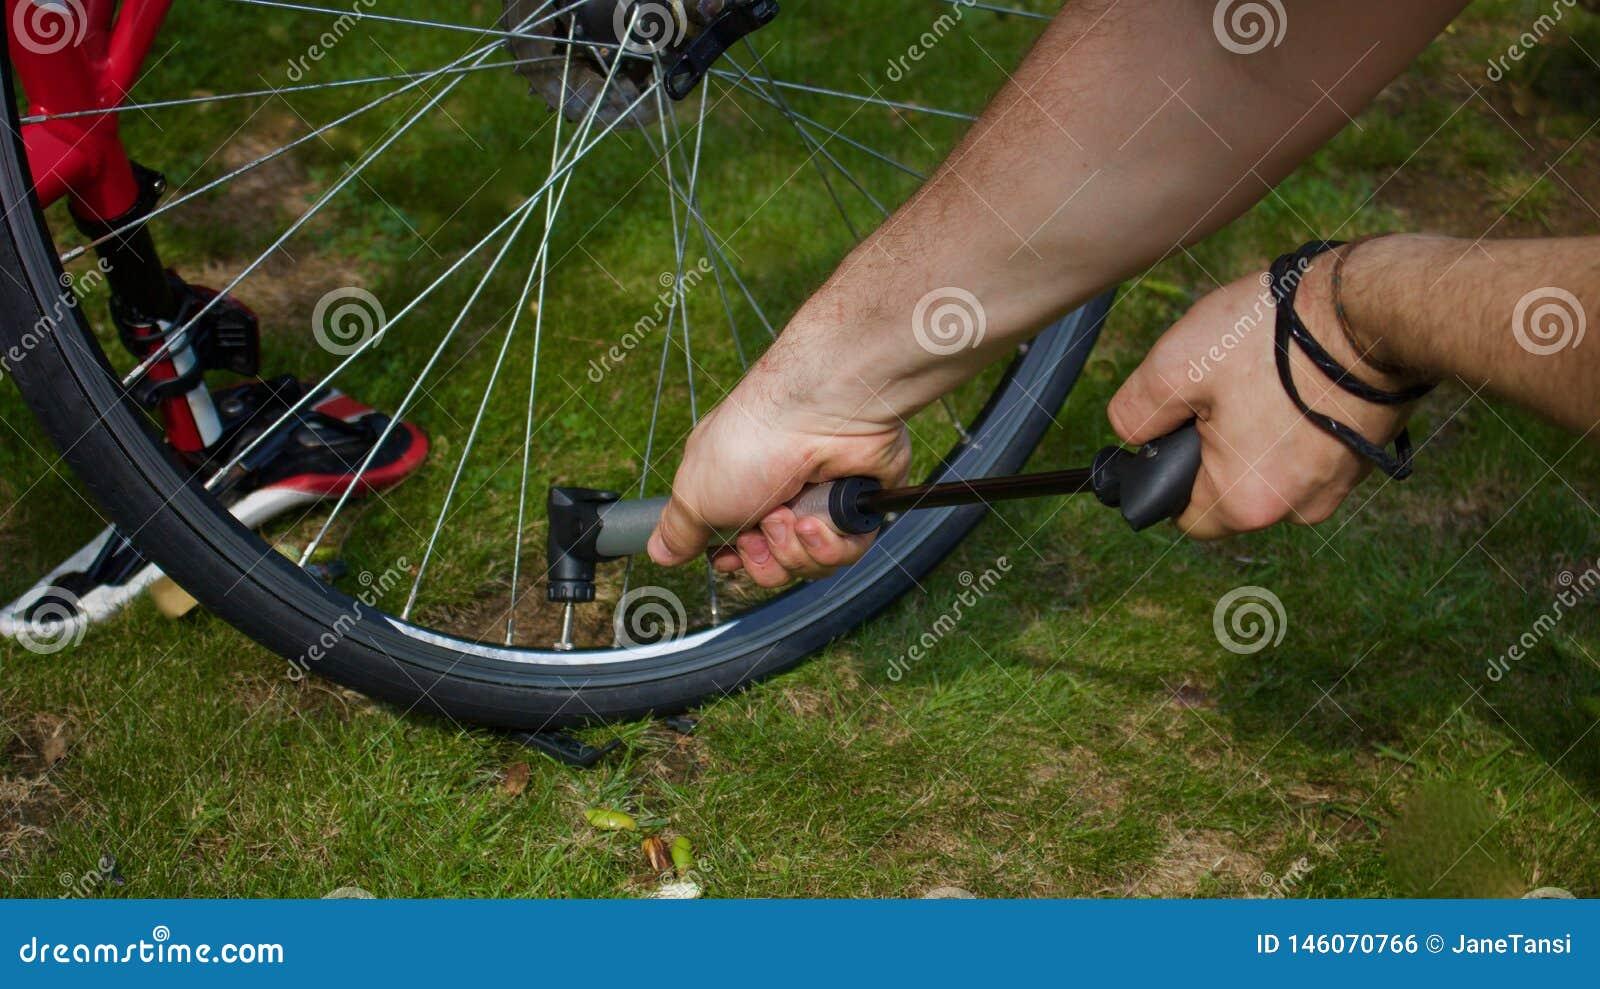 Νέα ανθρώπινα χέρια που αντλούν τον αέρα στο ελαστικό αυτοκινήτου ποδηλάτων που χρησιμοποιεί την αντλία χεριών - εικόνα